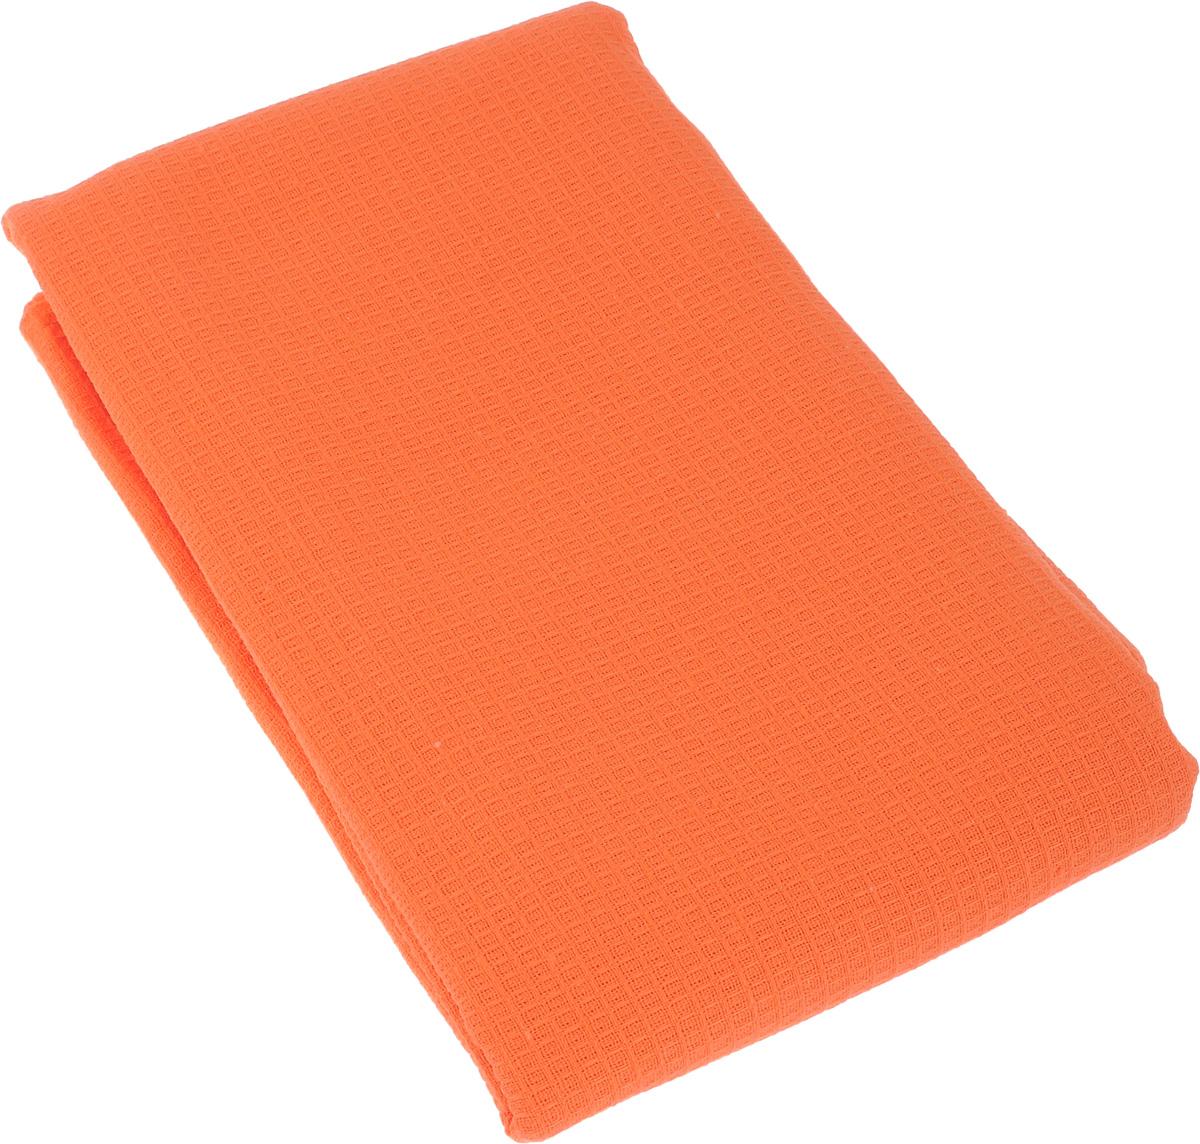 Полотенце-простыня для бани и сауны Банные штучки, цвет: оранжевый, 80 х 150 см сауны бани и оборудование five wien халат jizel цвет сухая роза ххххl